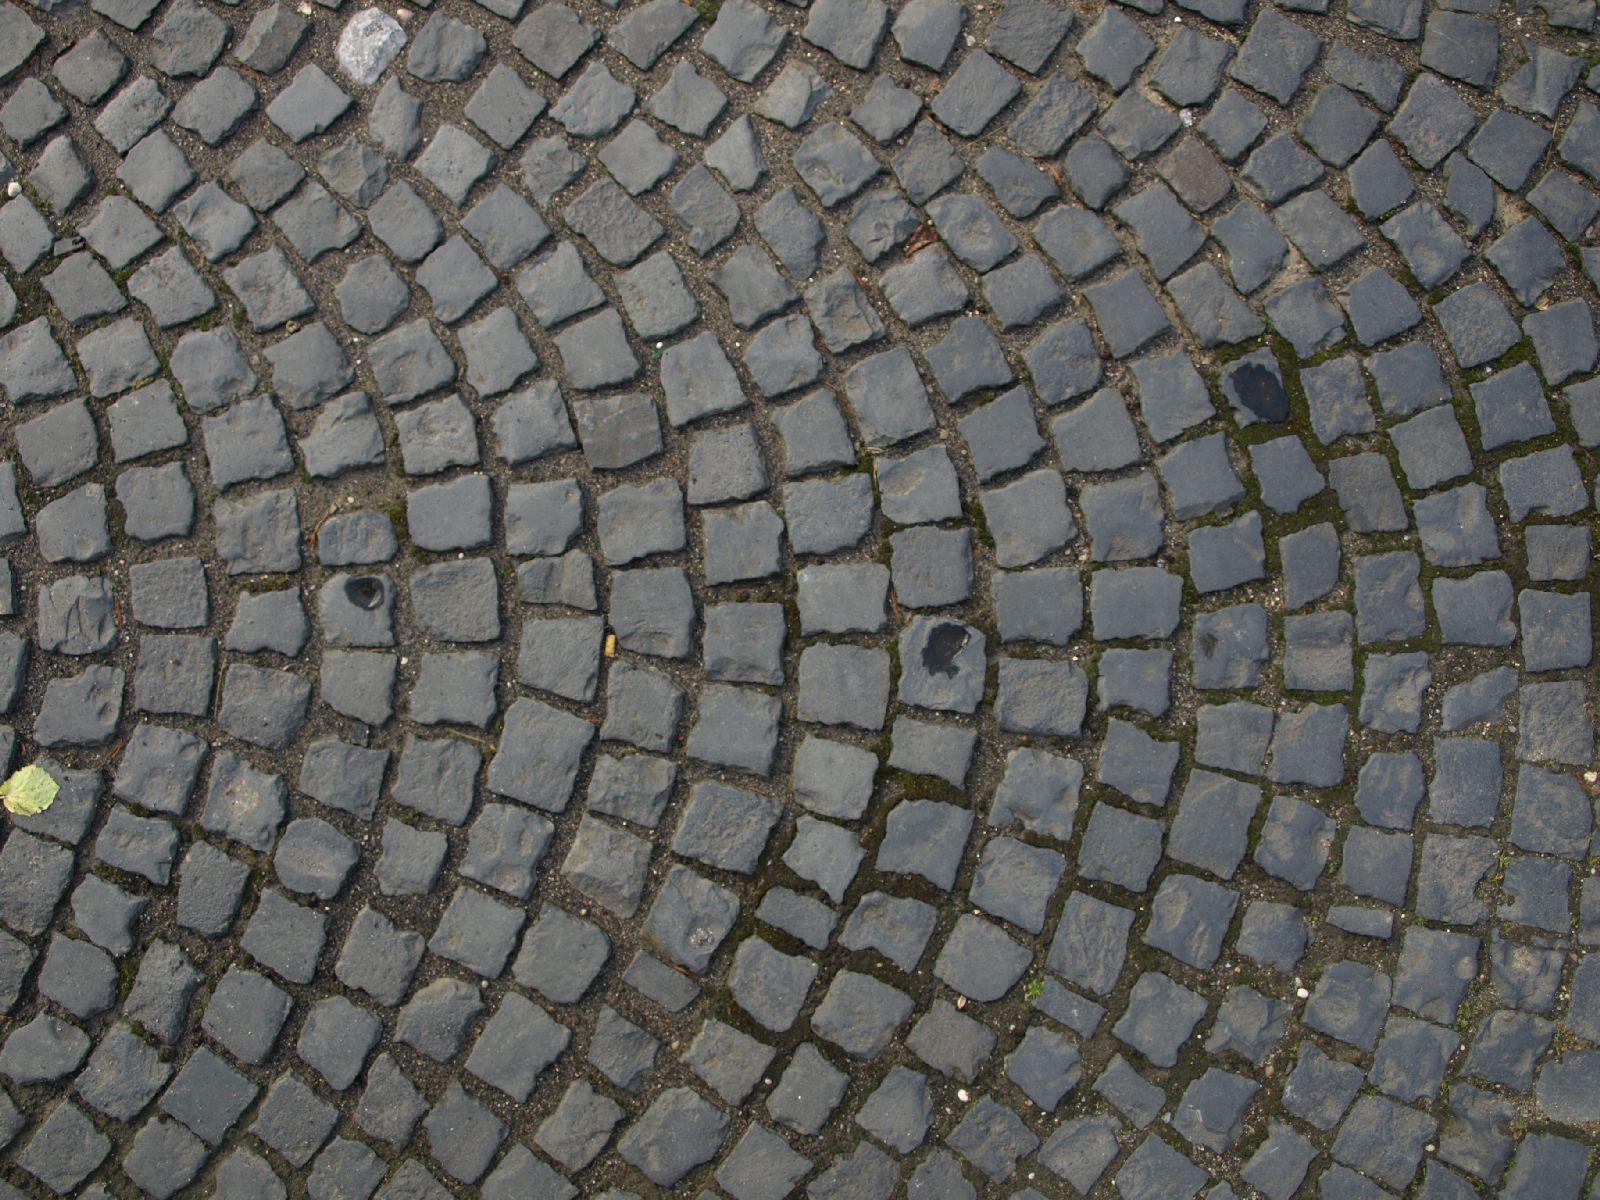 Ground-Urban_Texture_A_P8234614